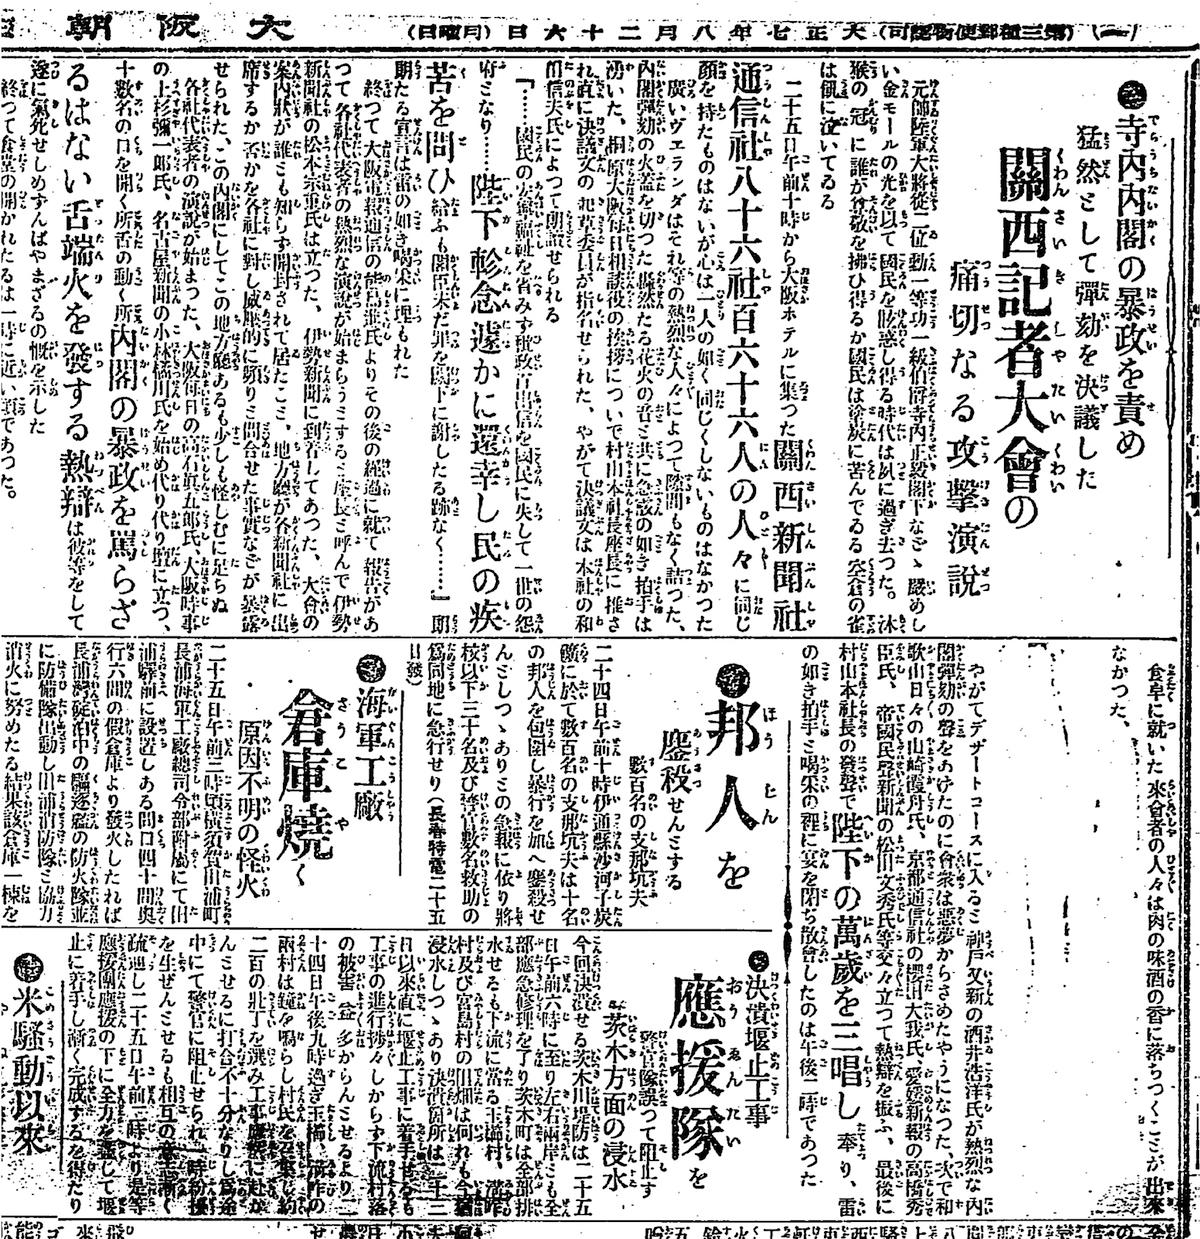 1918(大正7)年8月25日の大阪朝日新聞夕刊(当時は翌日付となるため26日付)。「白虹日を貫けり」の前後は削られている